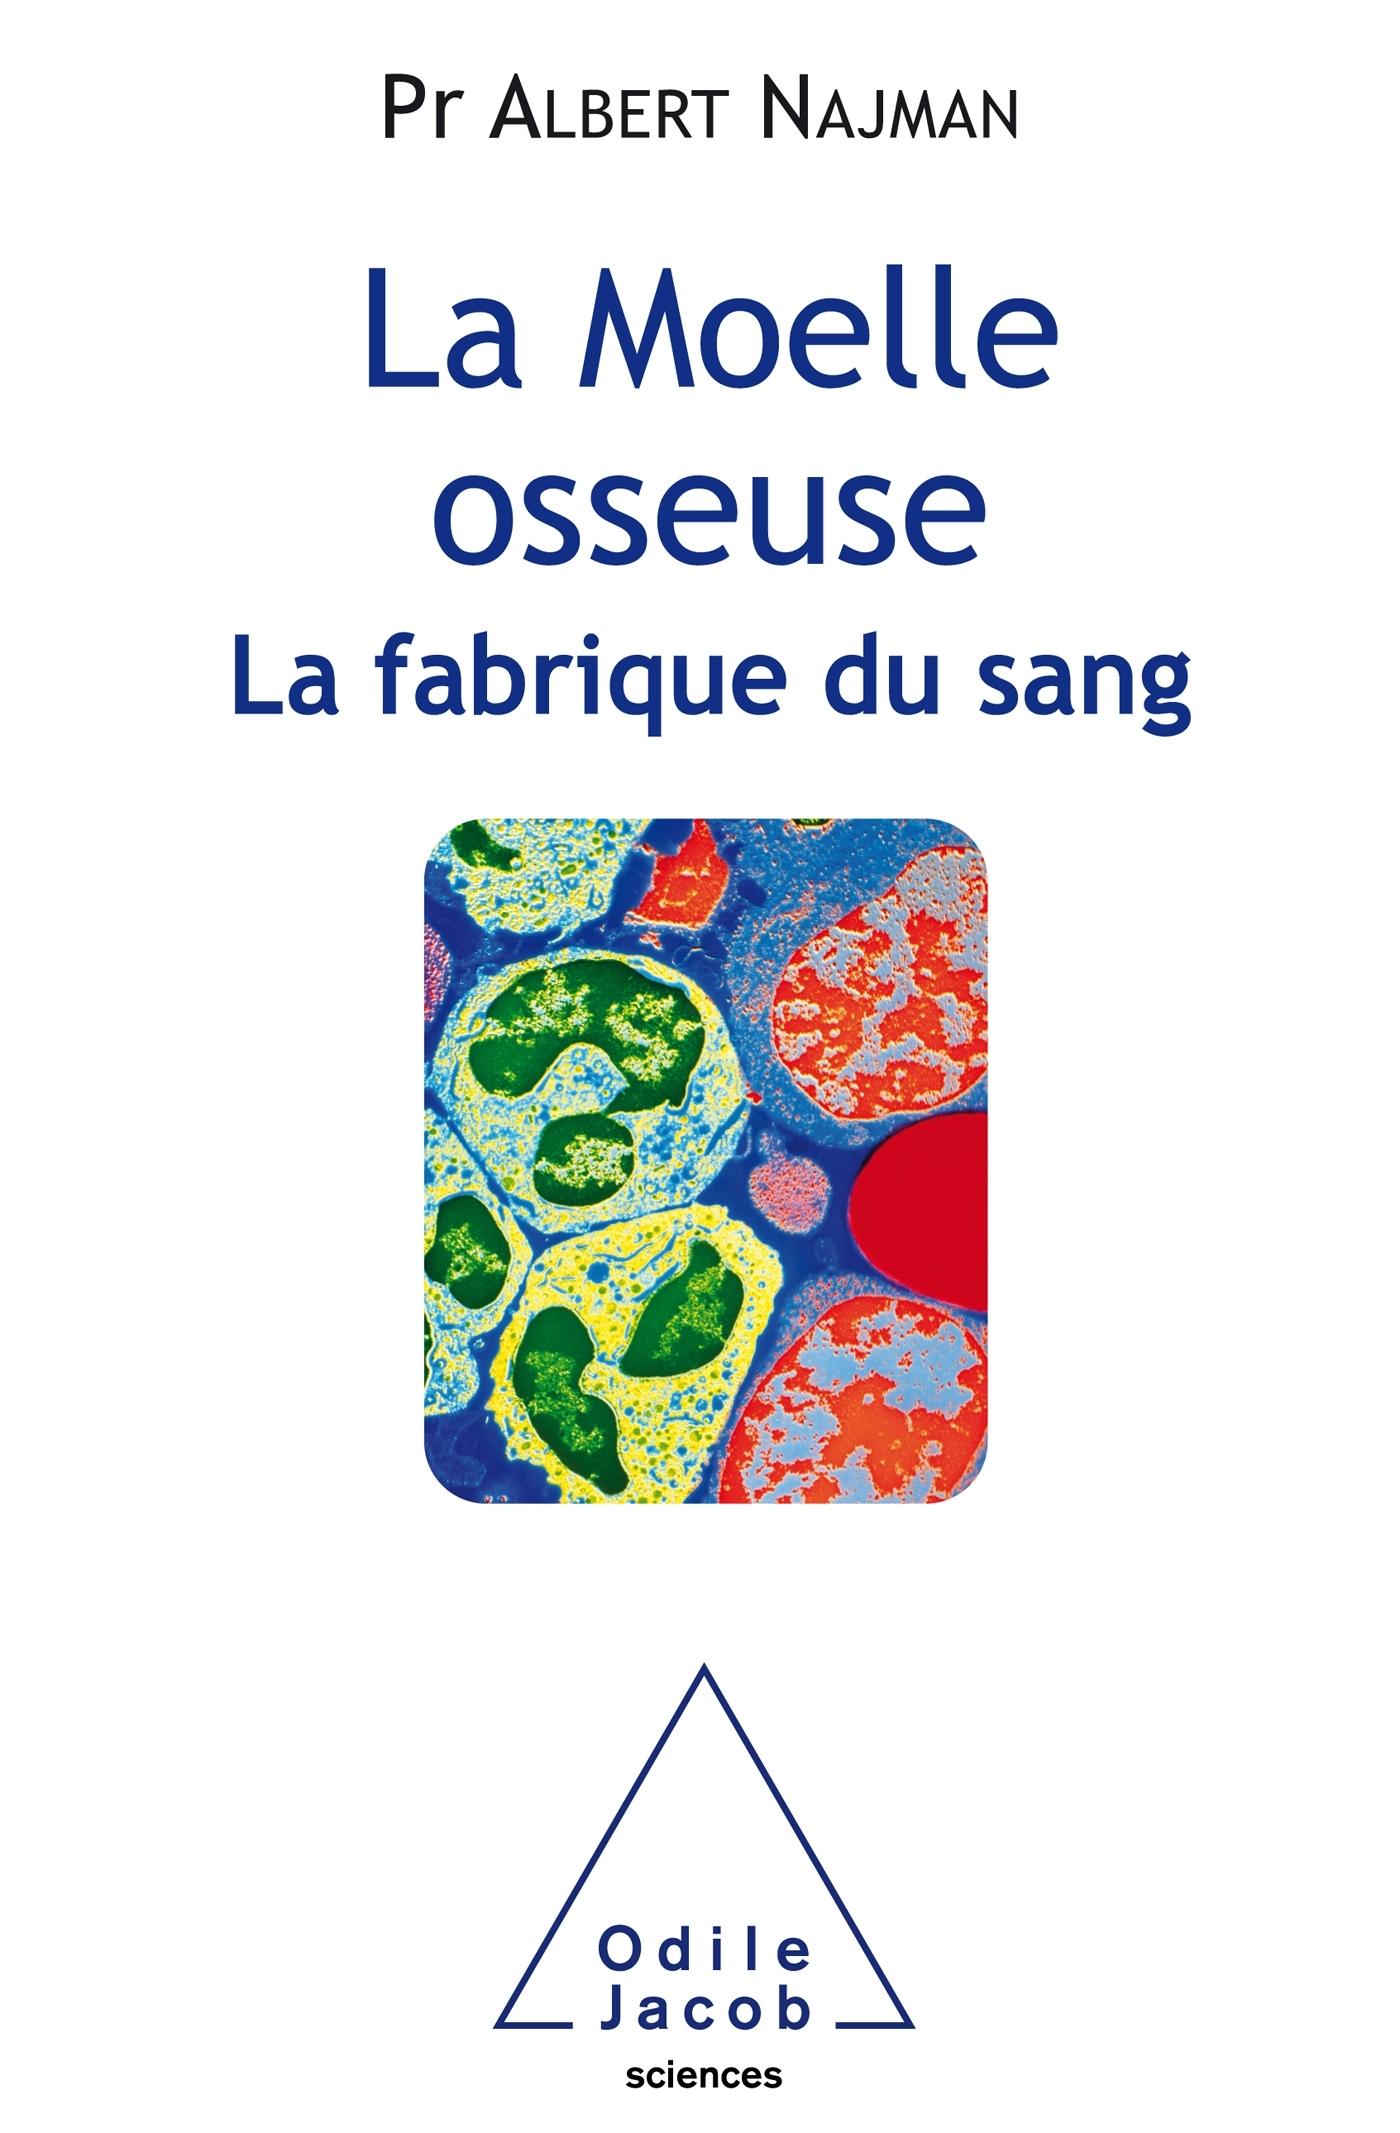 LA MOELLE OSSEUSE, LA FABRIQUE DU SANG